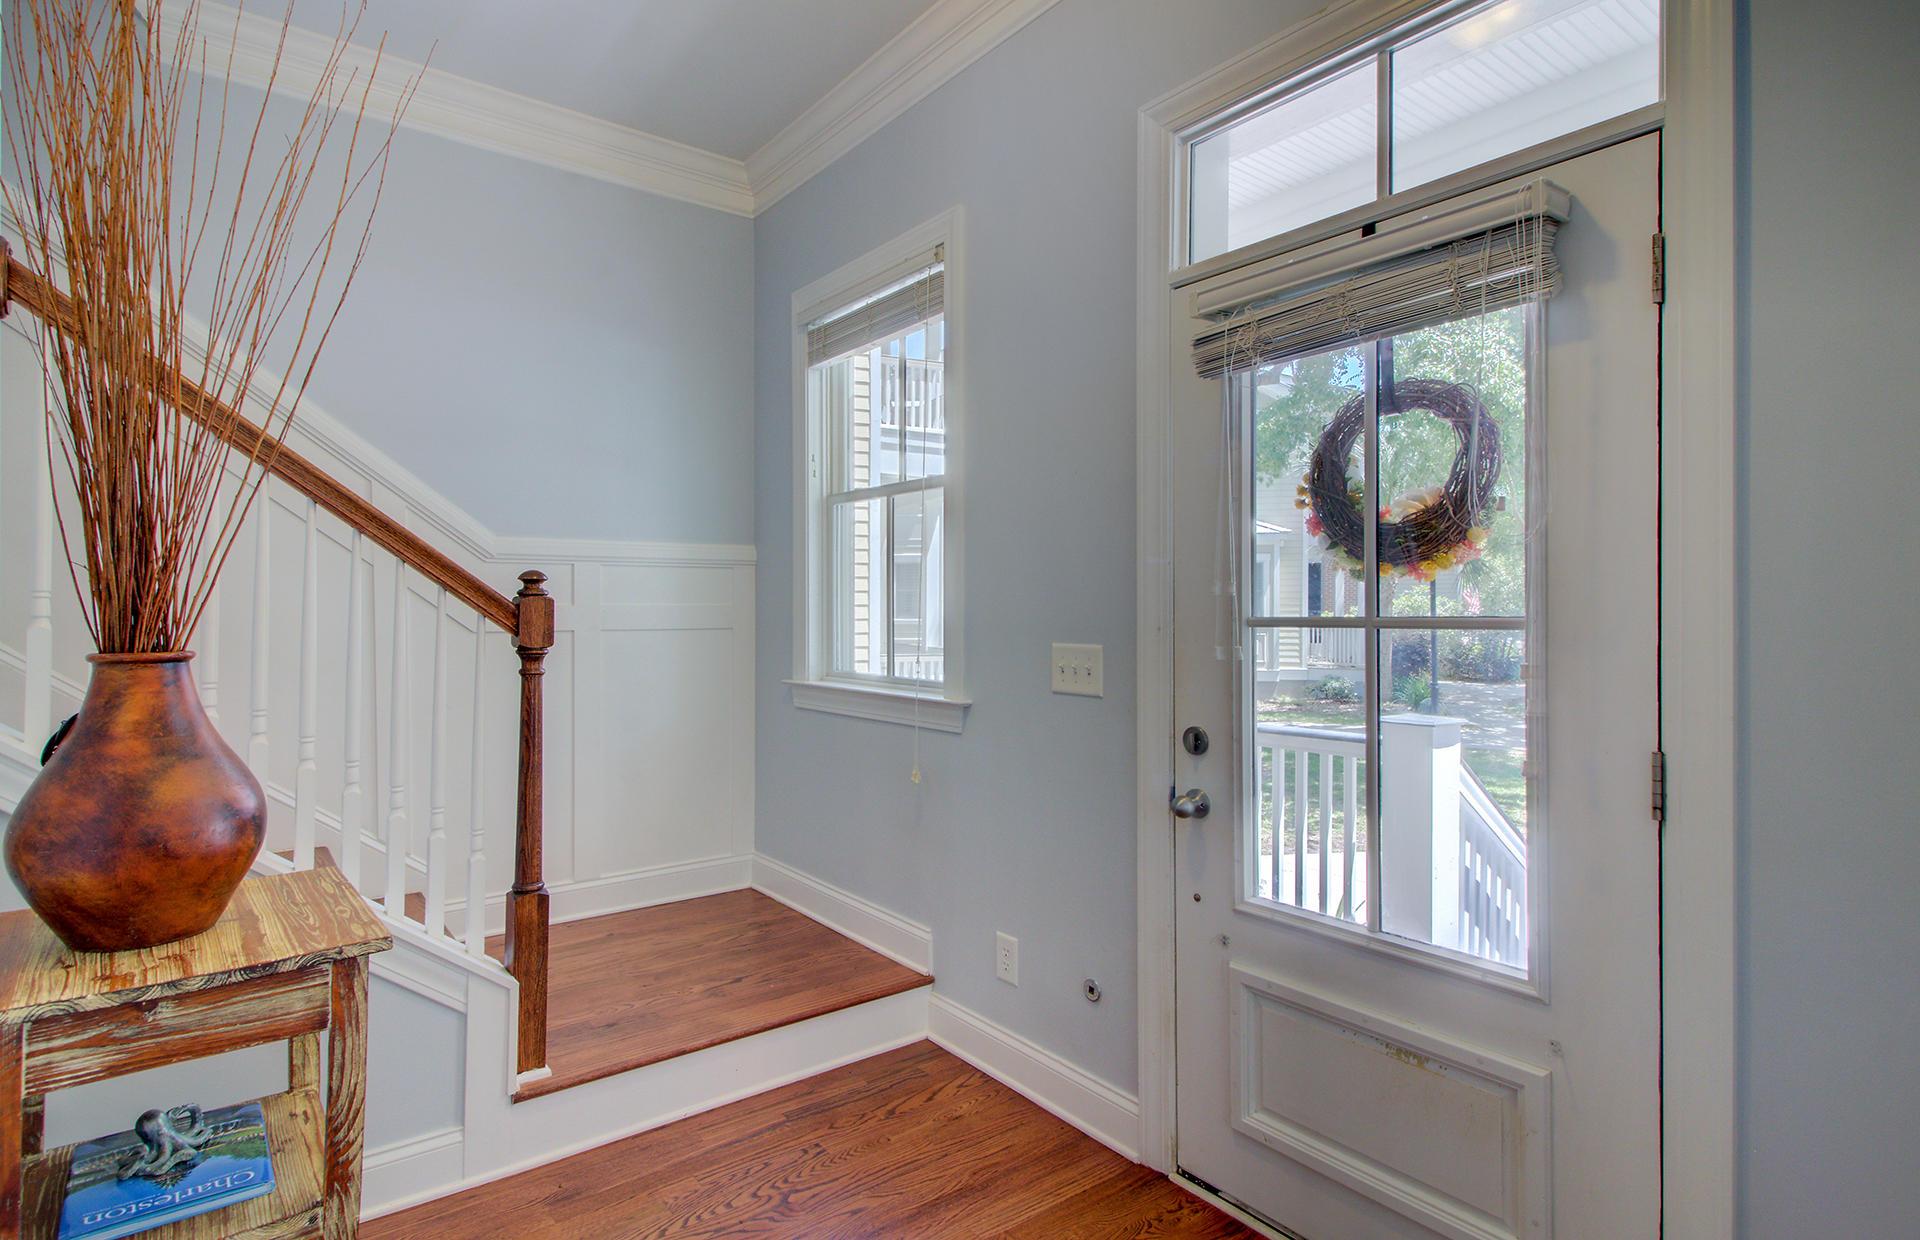 Phillips Park Homes For Sale - 1129 Phillips Park, Mount Pleasant, SC - 12